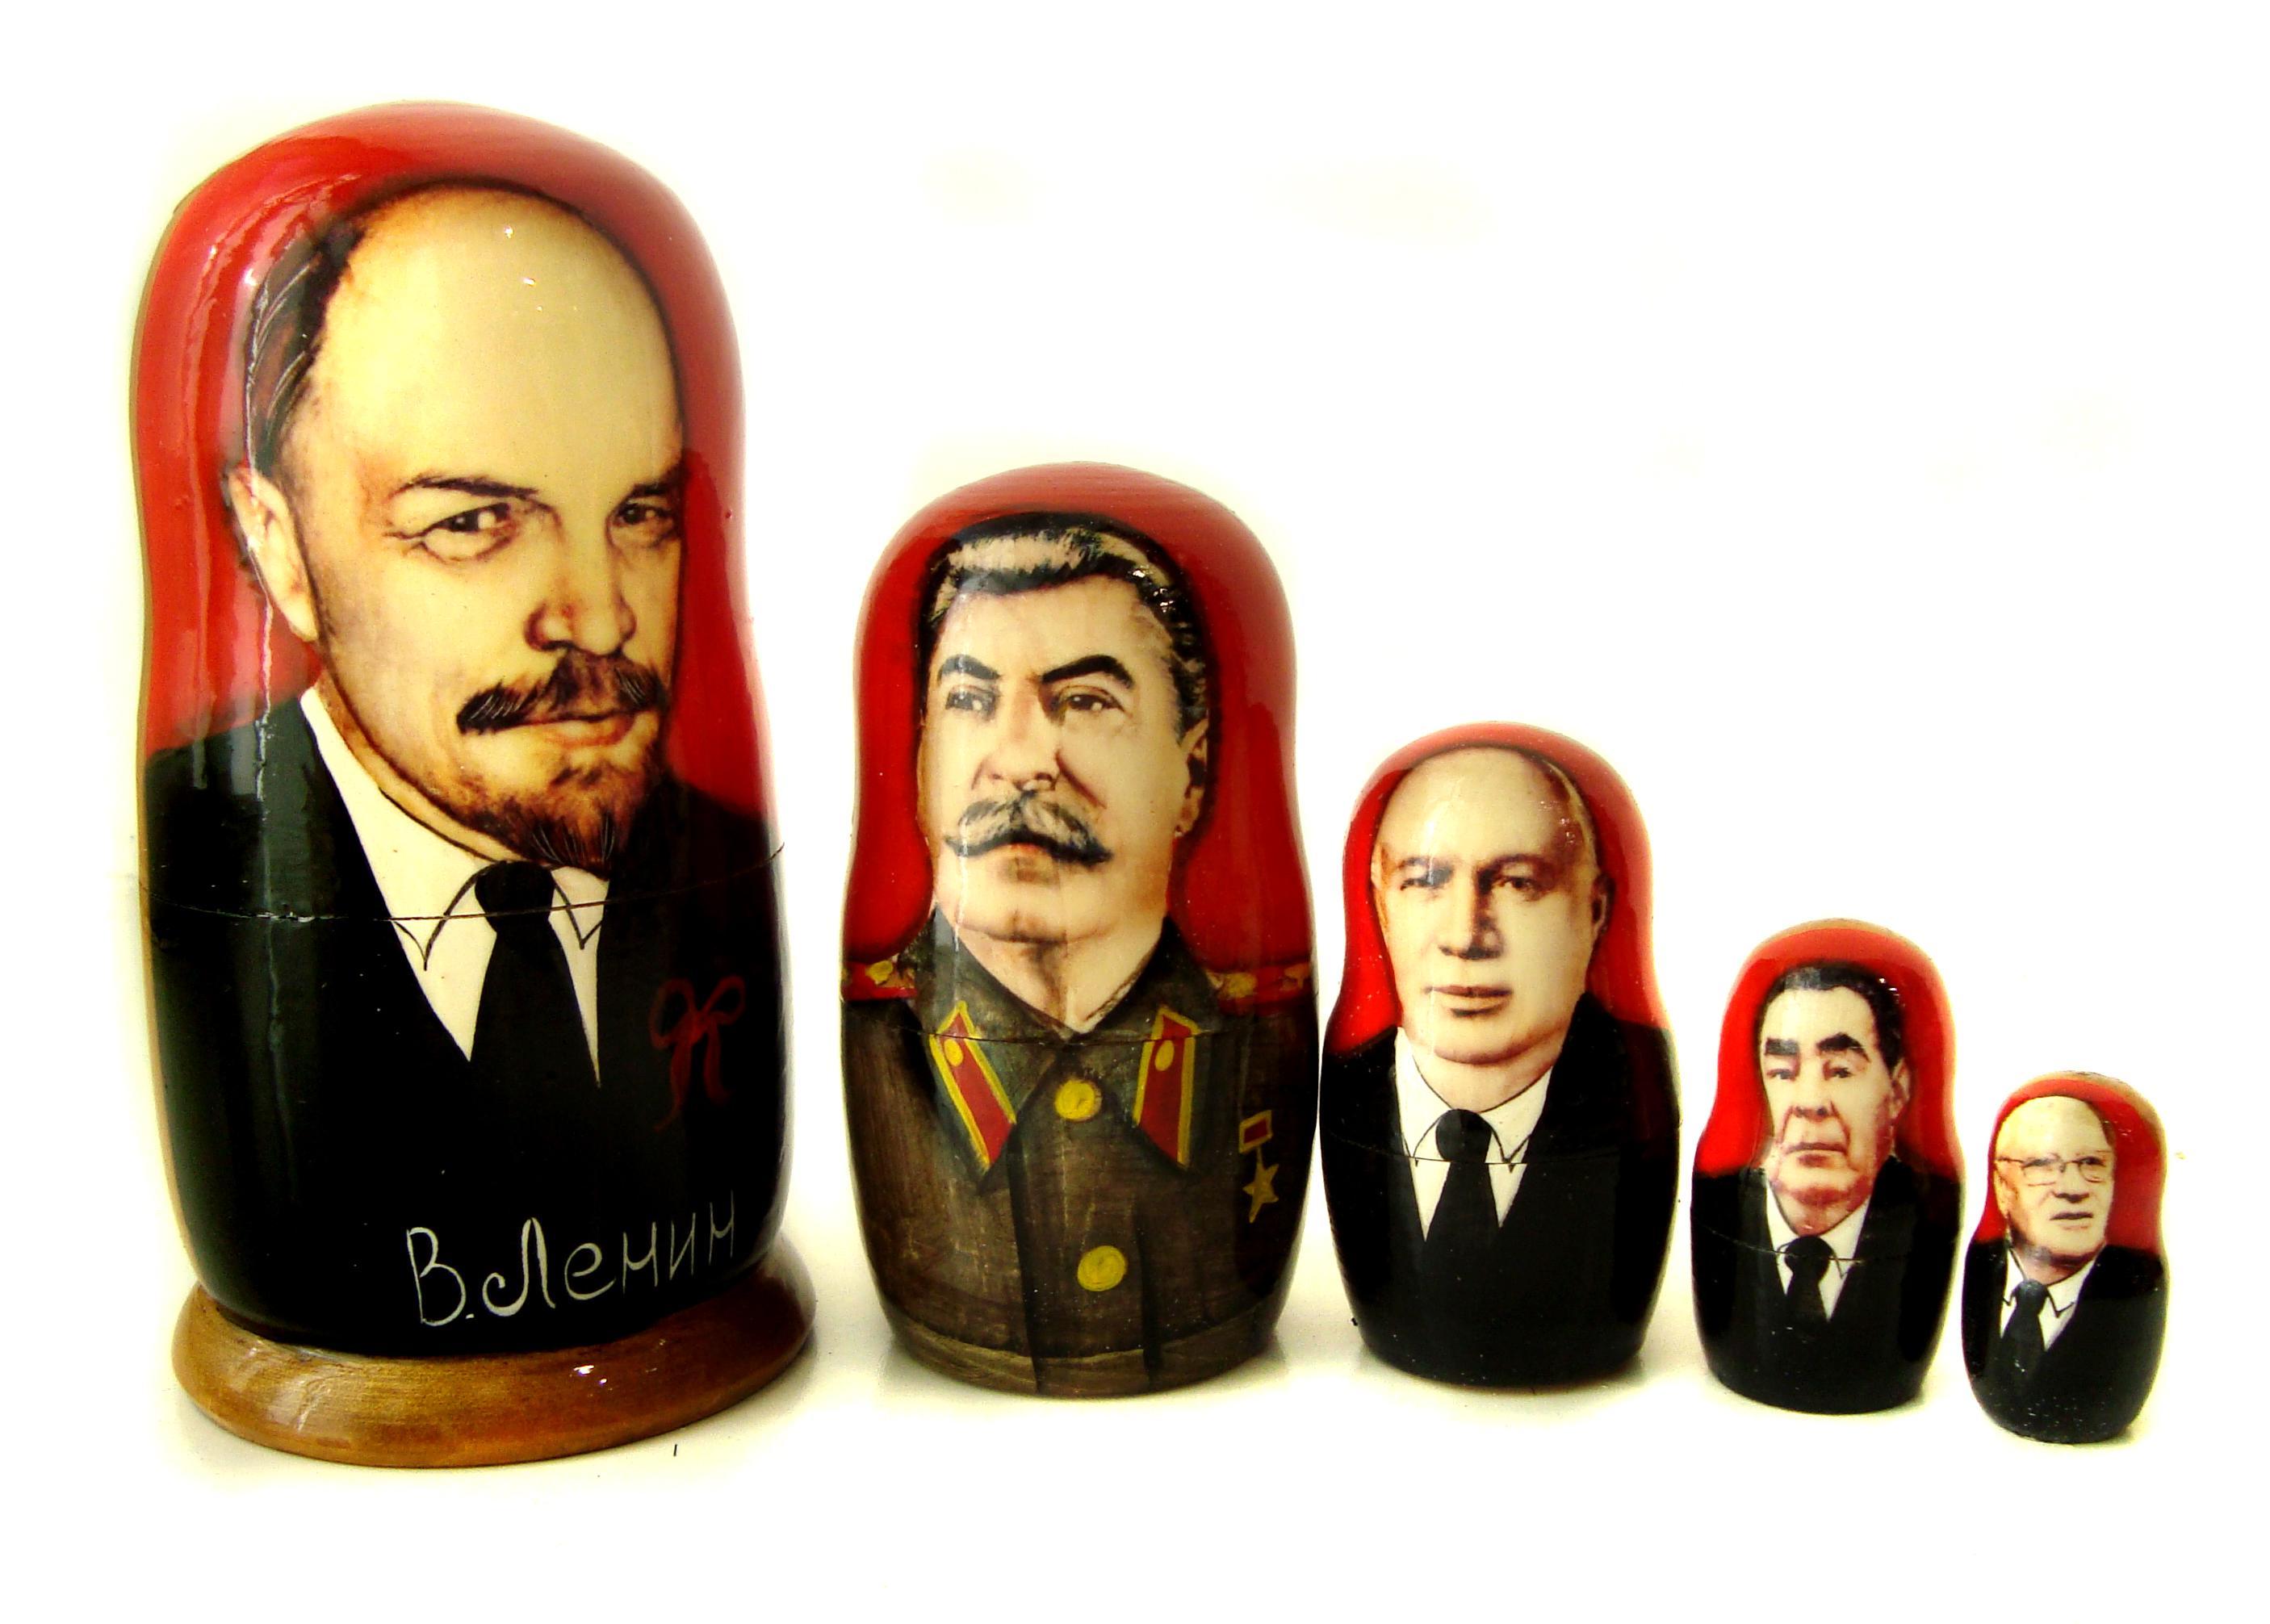 Русская матрешка и ее история